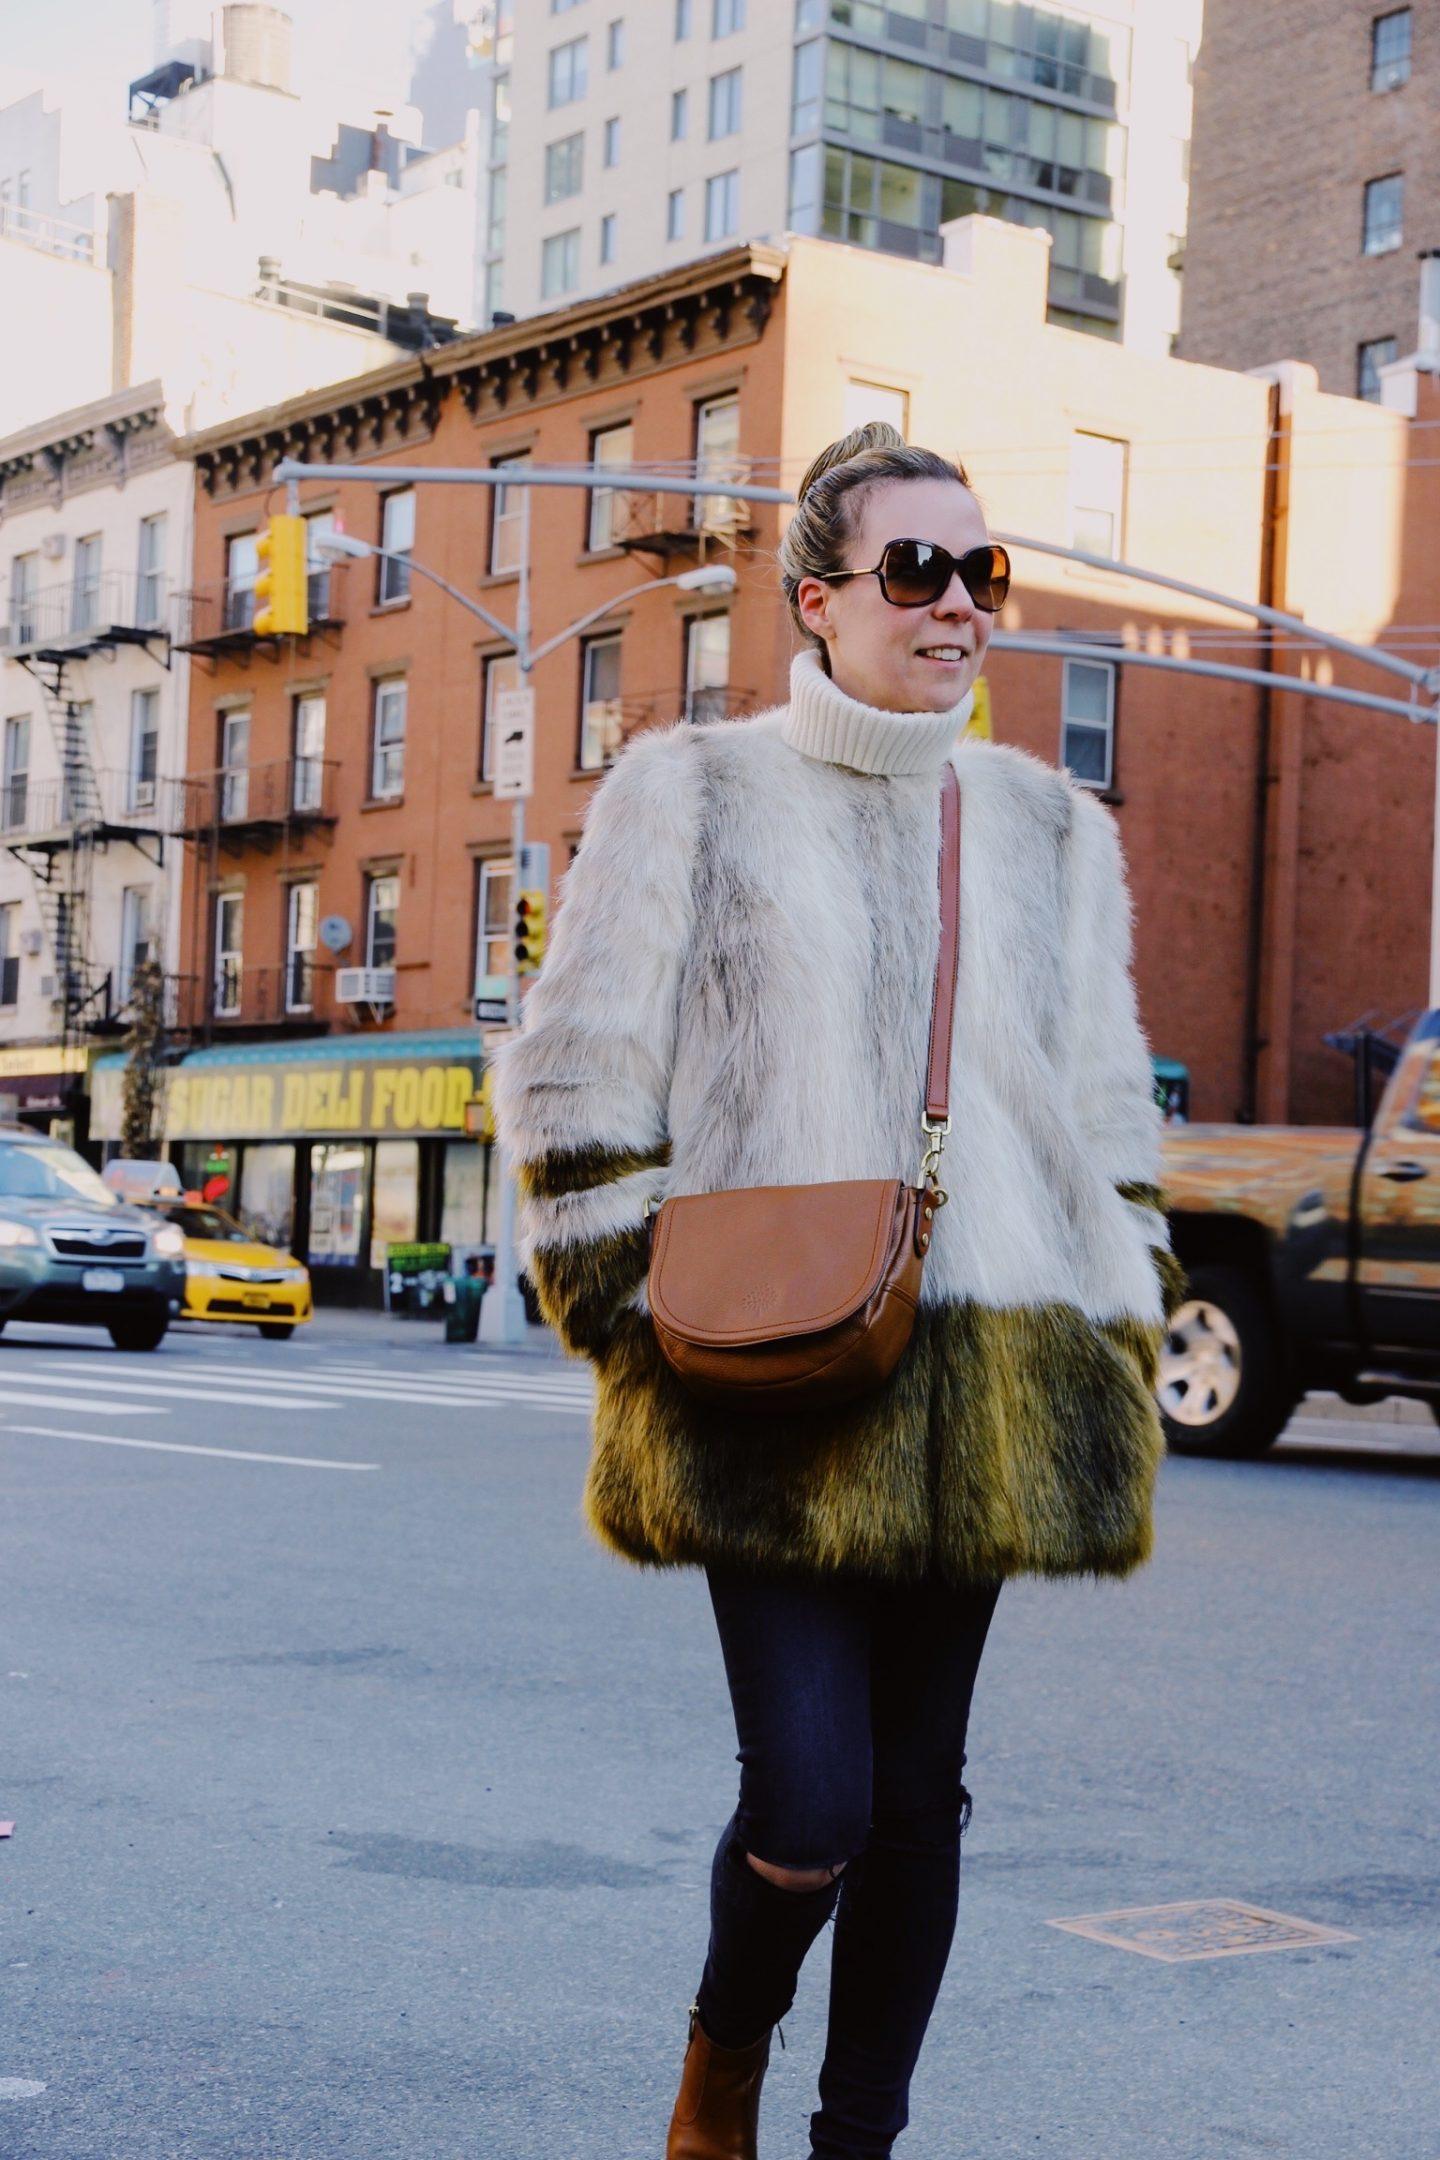 Faux Fur Coat in New York